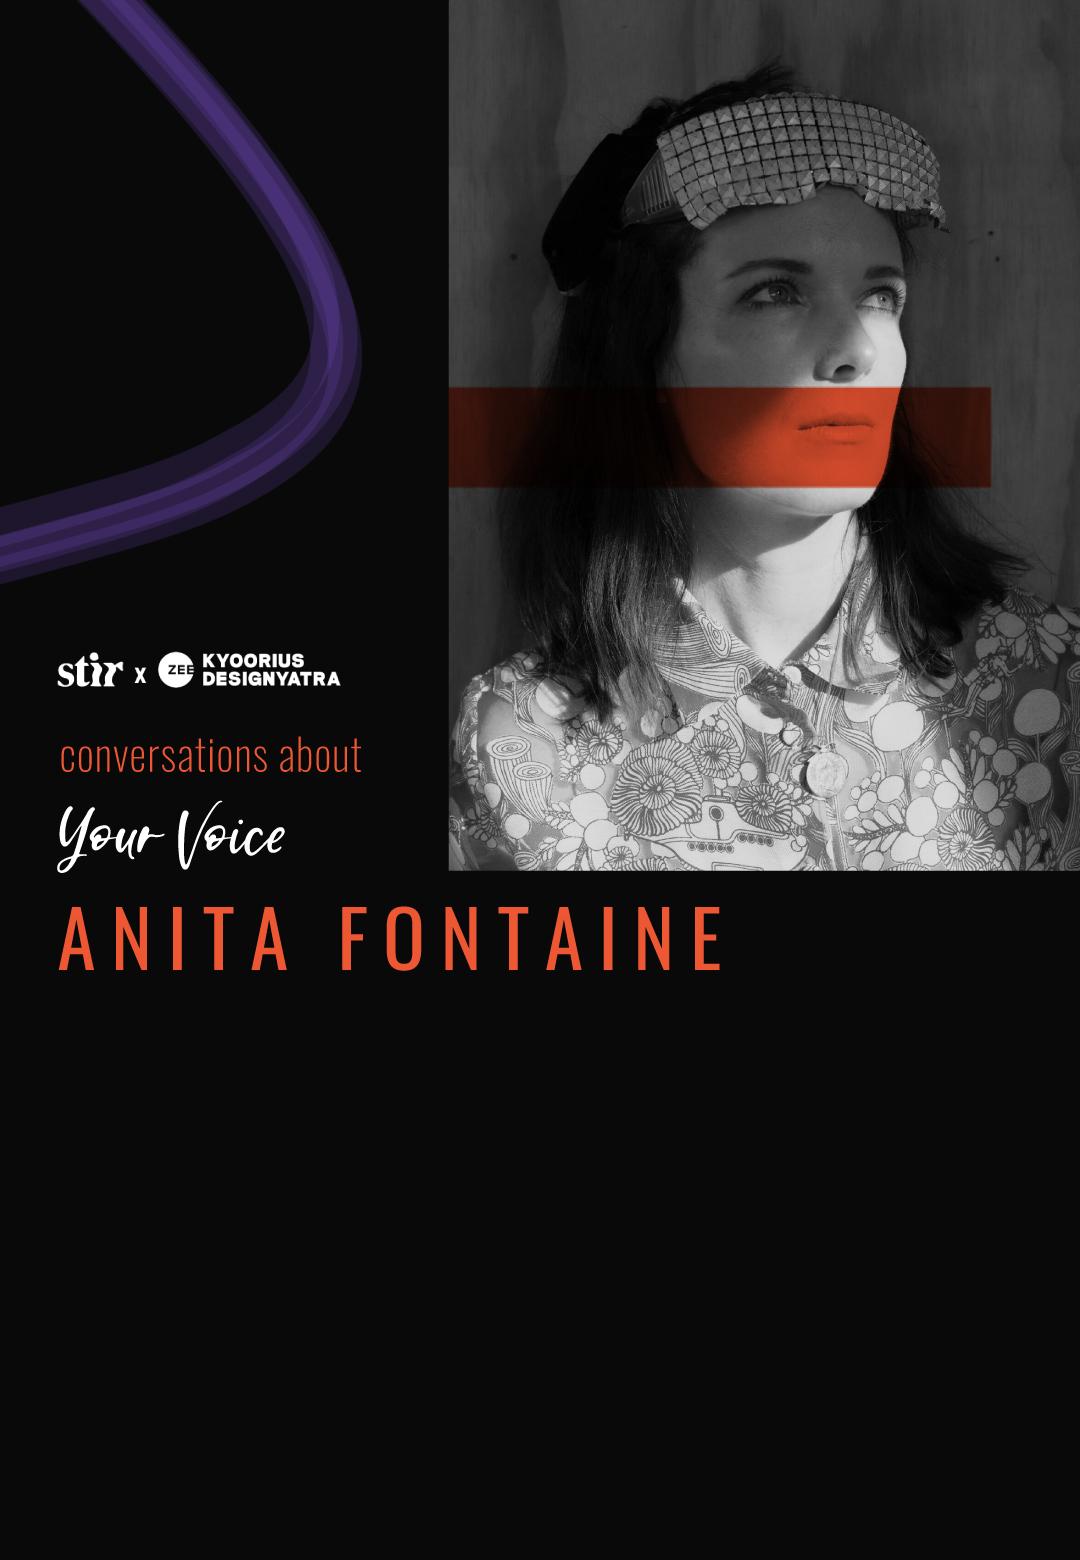 Anita Fontaine in conversation with STIR | Conversations About Your Voice | STIR X Kyoorius Designyatra 2020 | STIRworld